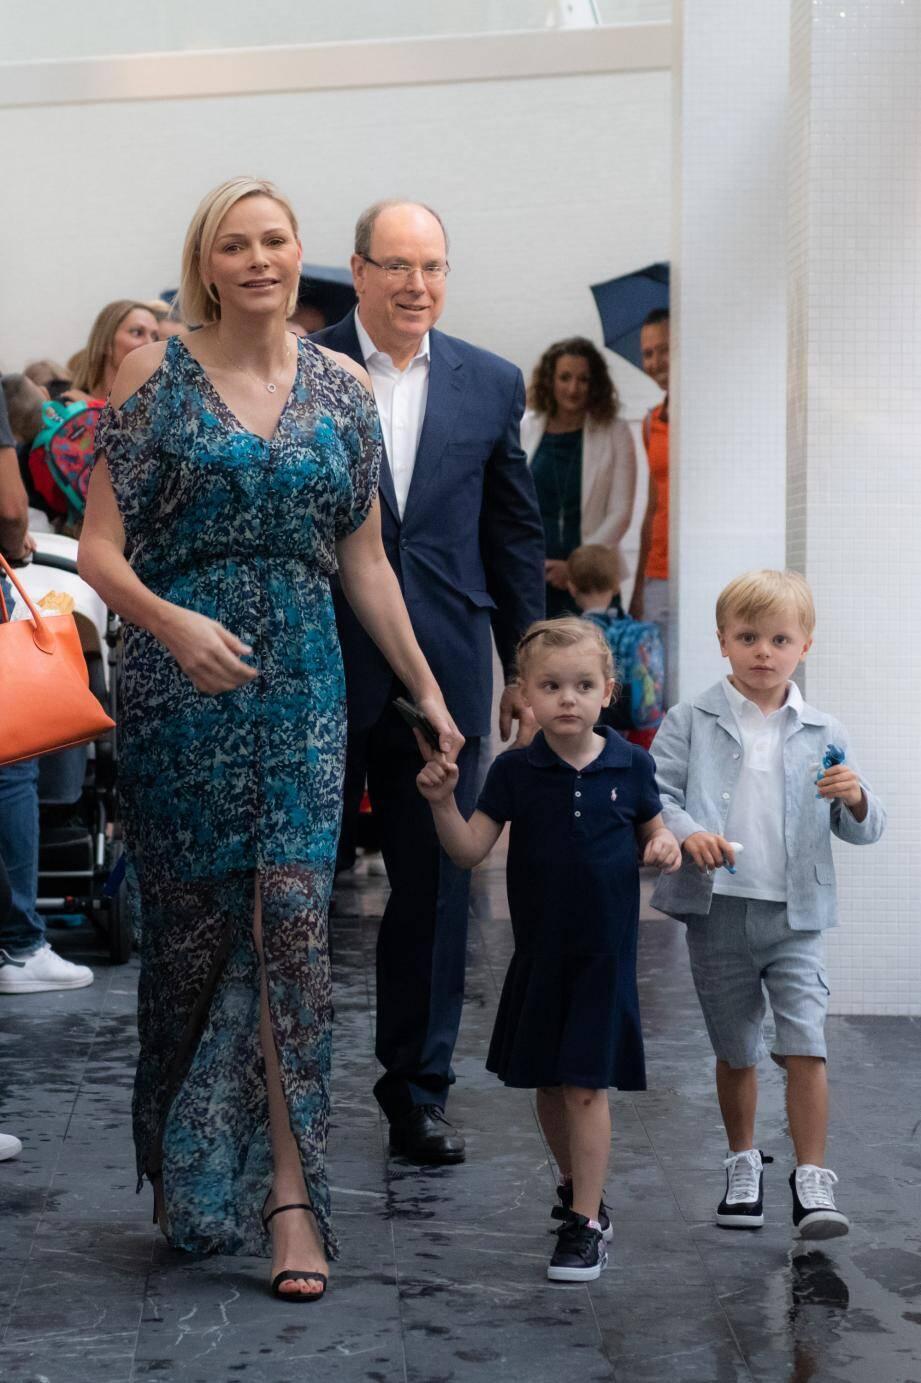 Accompagnés par leurs parents, le prince Albert II et la princesse Charlène, les enfants princiers ont découvert leur nouvelle école, où ils ont intégré la section 4/5 ans de maternelle.